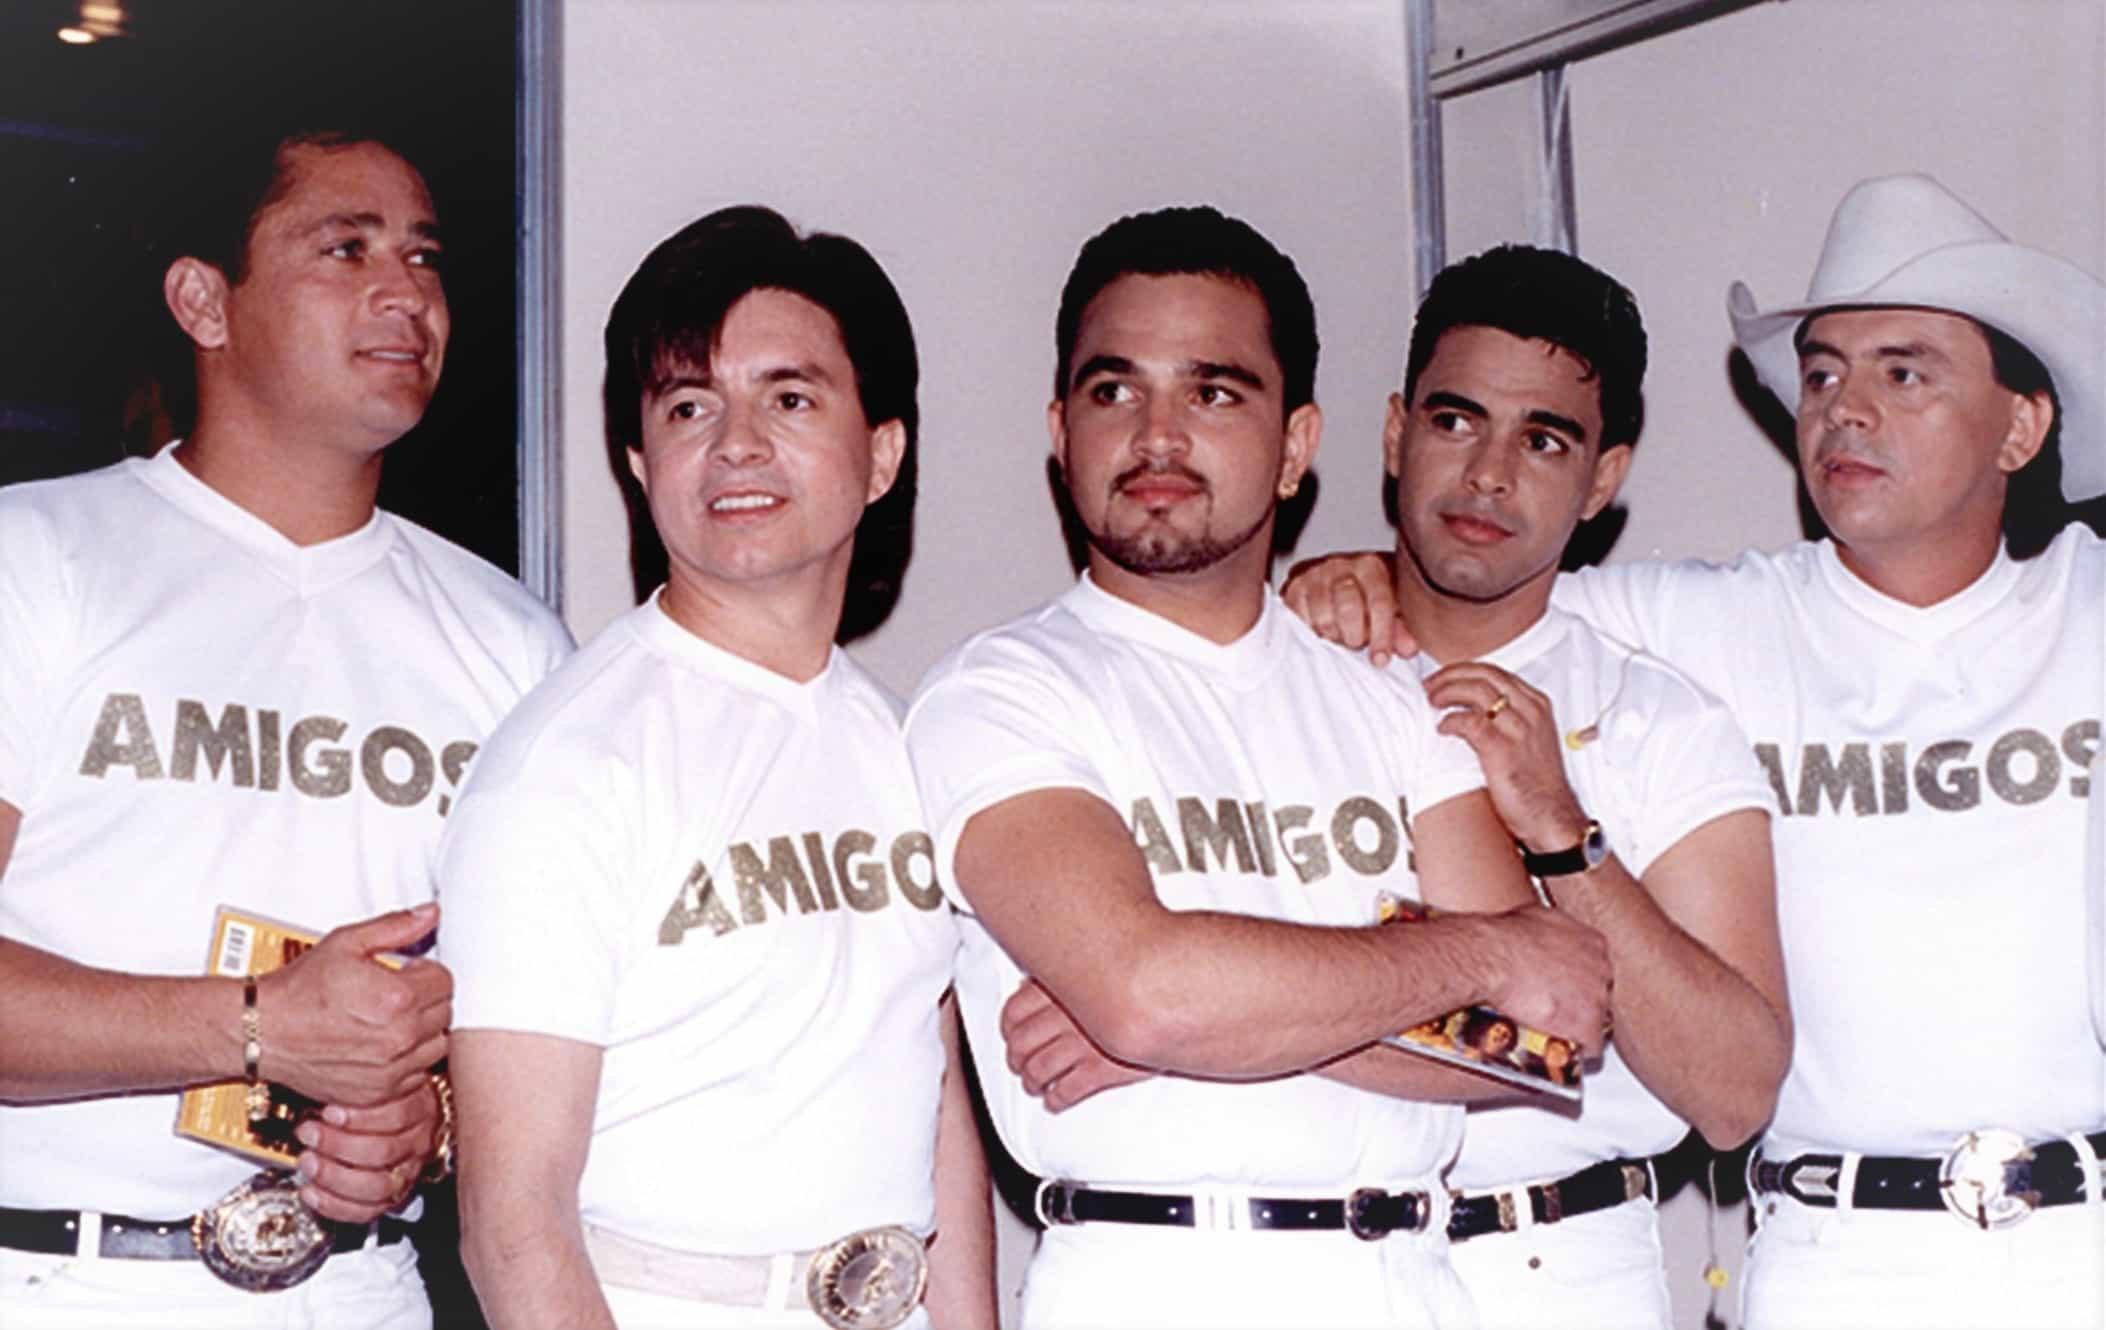 Globo deve anunciar retorno do programa sertanejo 'Amigos'